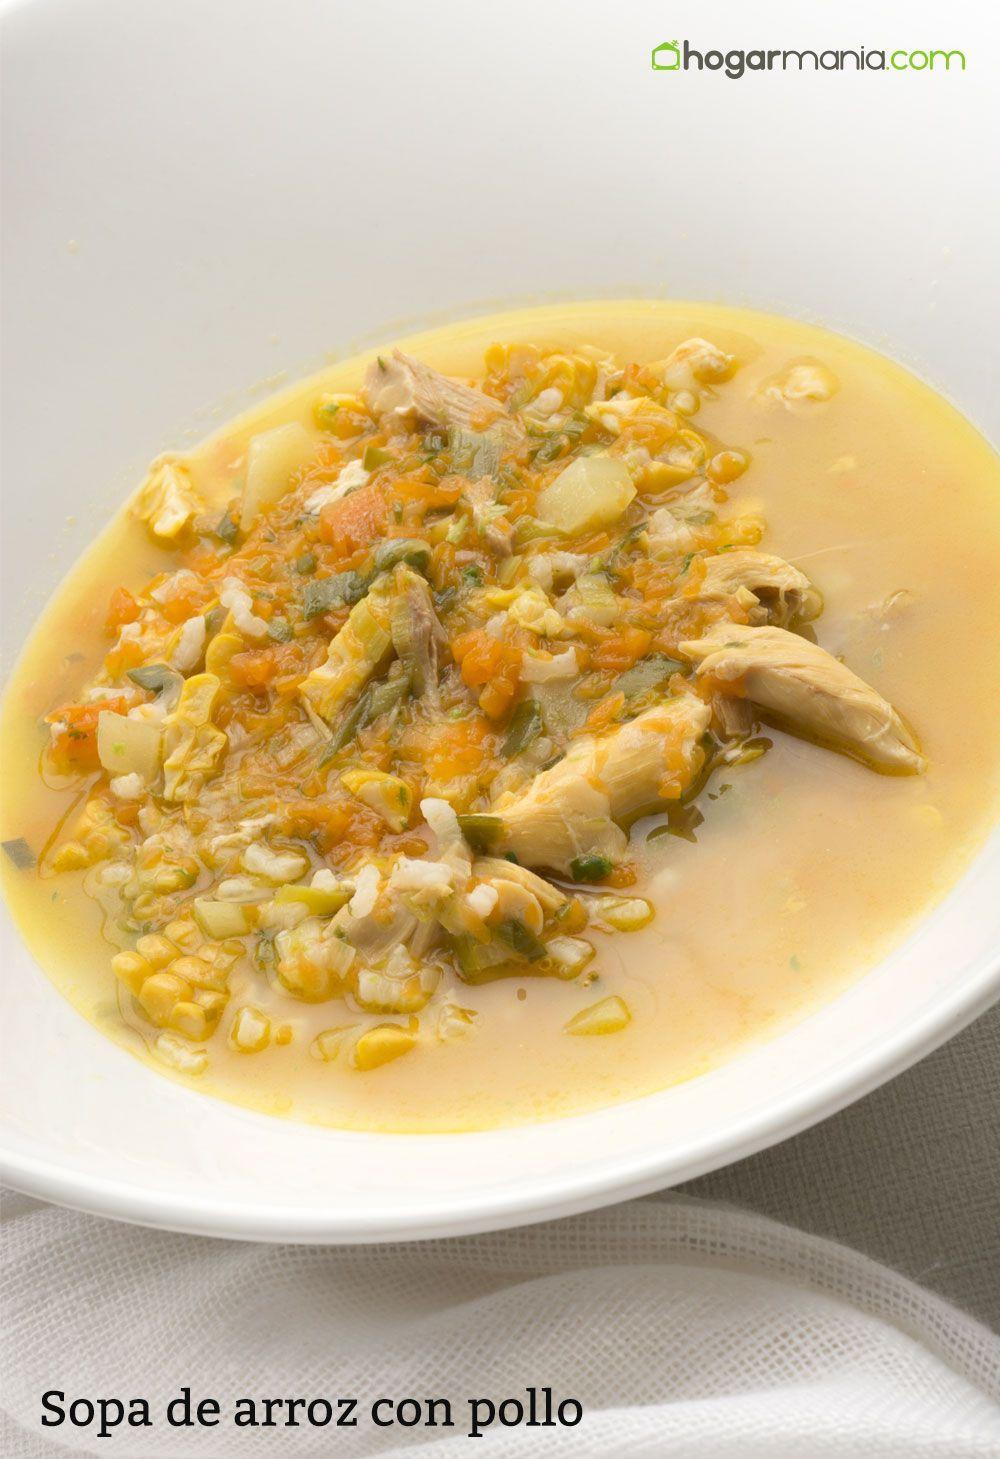 Receta De Sopa De Arroz Con Pollo Karlos Arguiñano Receta Sopa De Arroz Con Pollo Sopa De Arroz Arroz Con Pollo